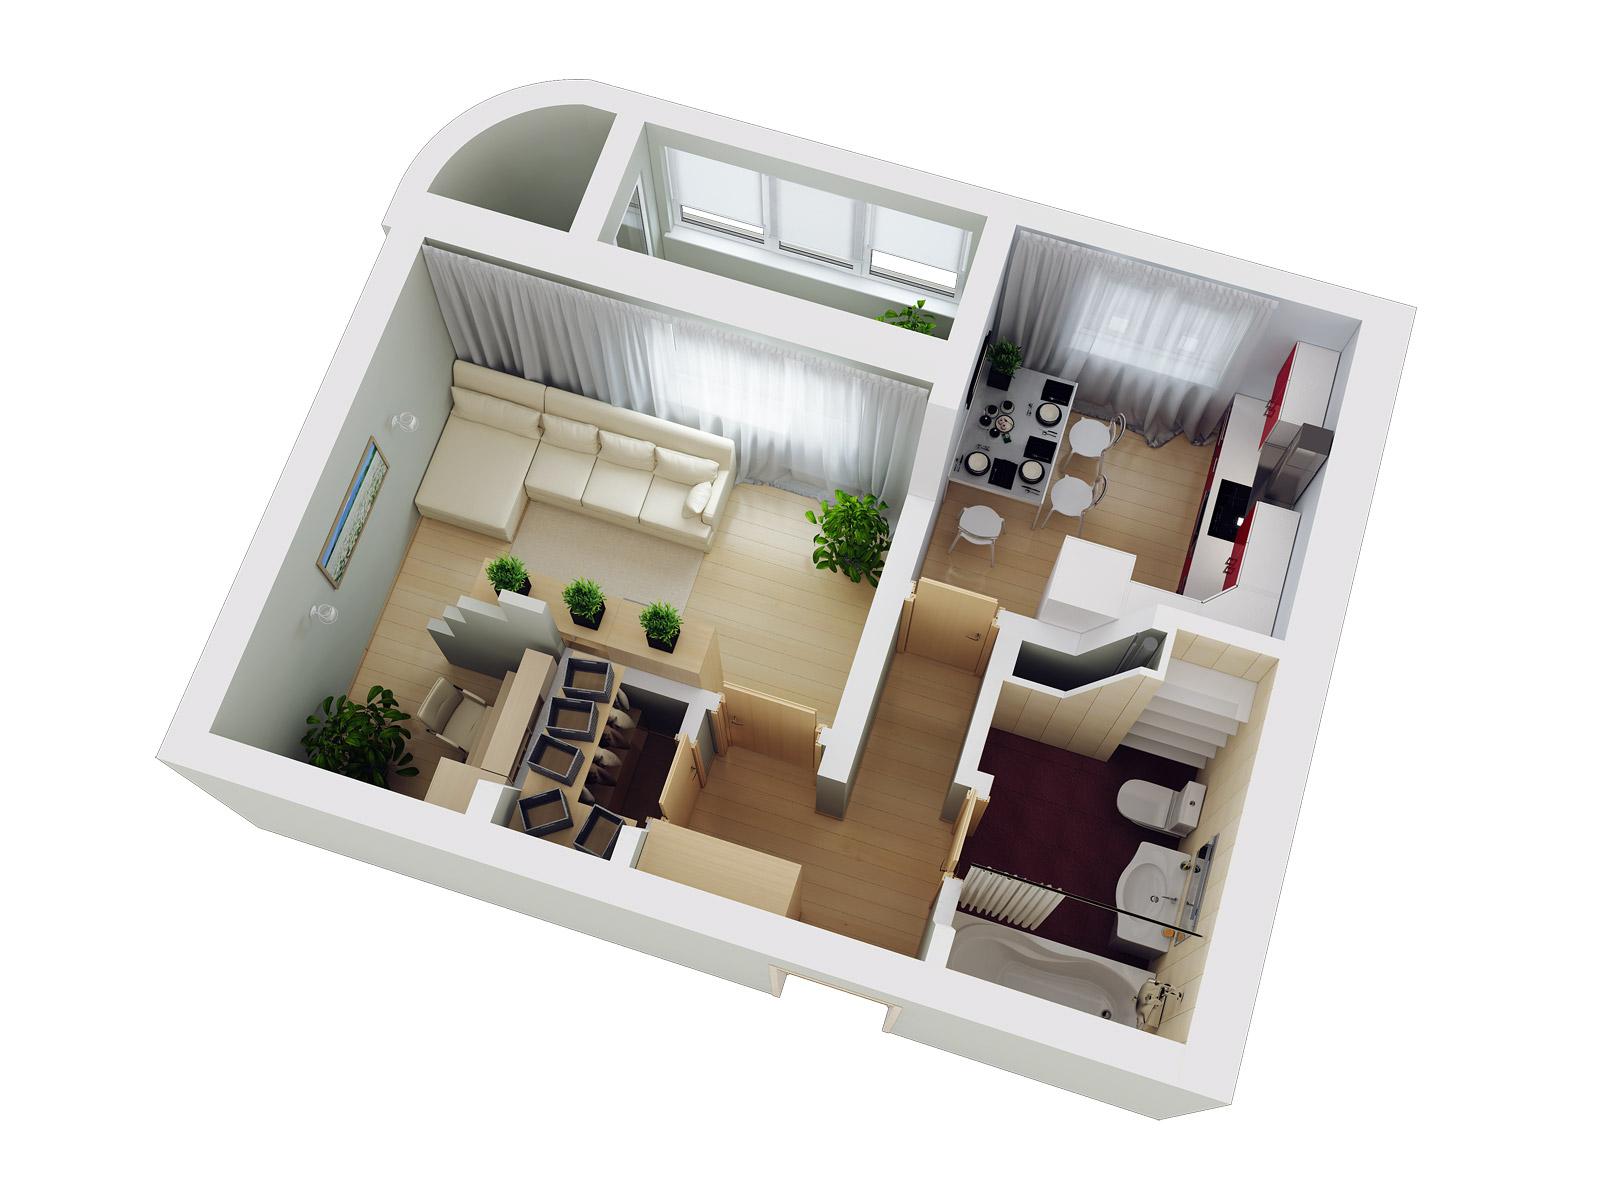 Однушка расположение, м.. общая площадь 36, 13 этаж, купить .